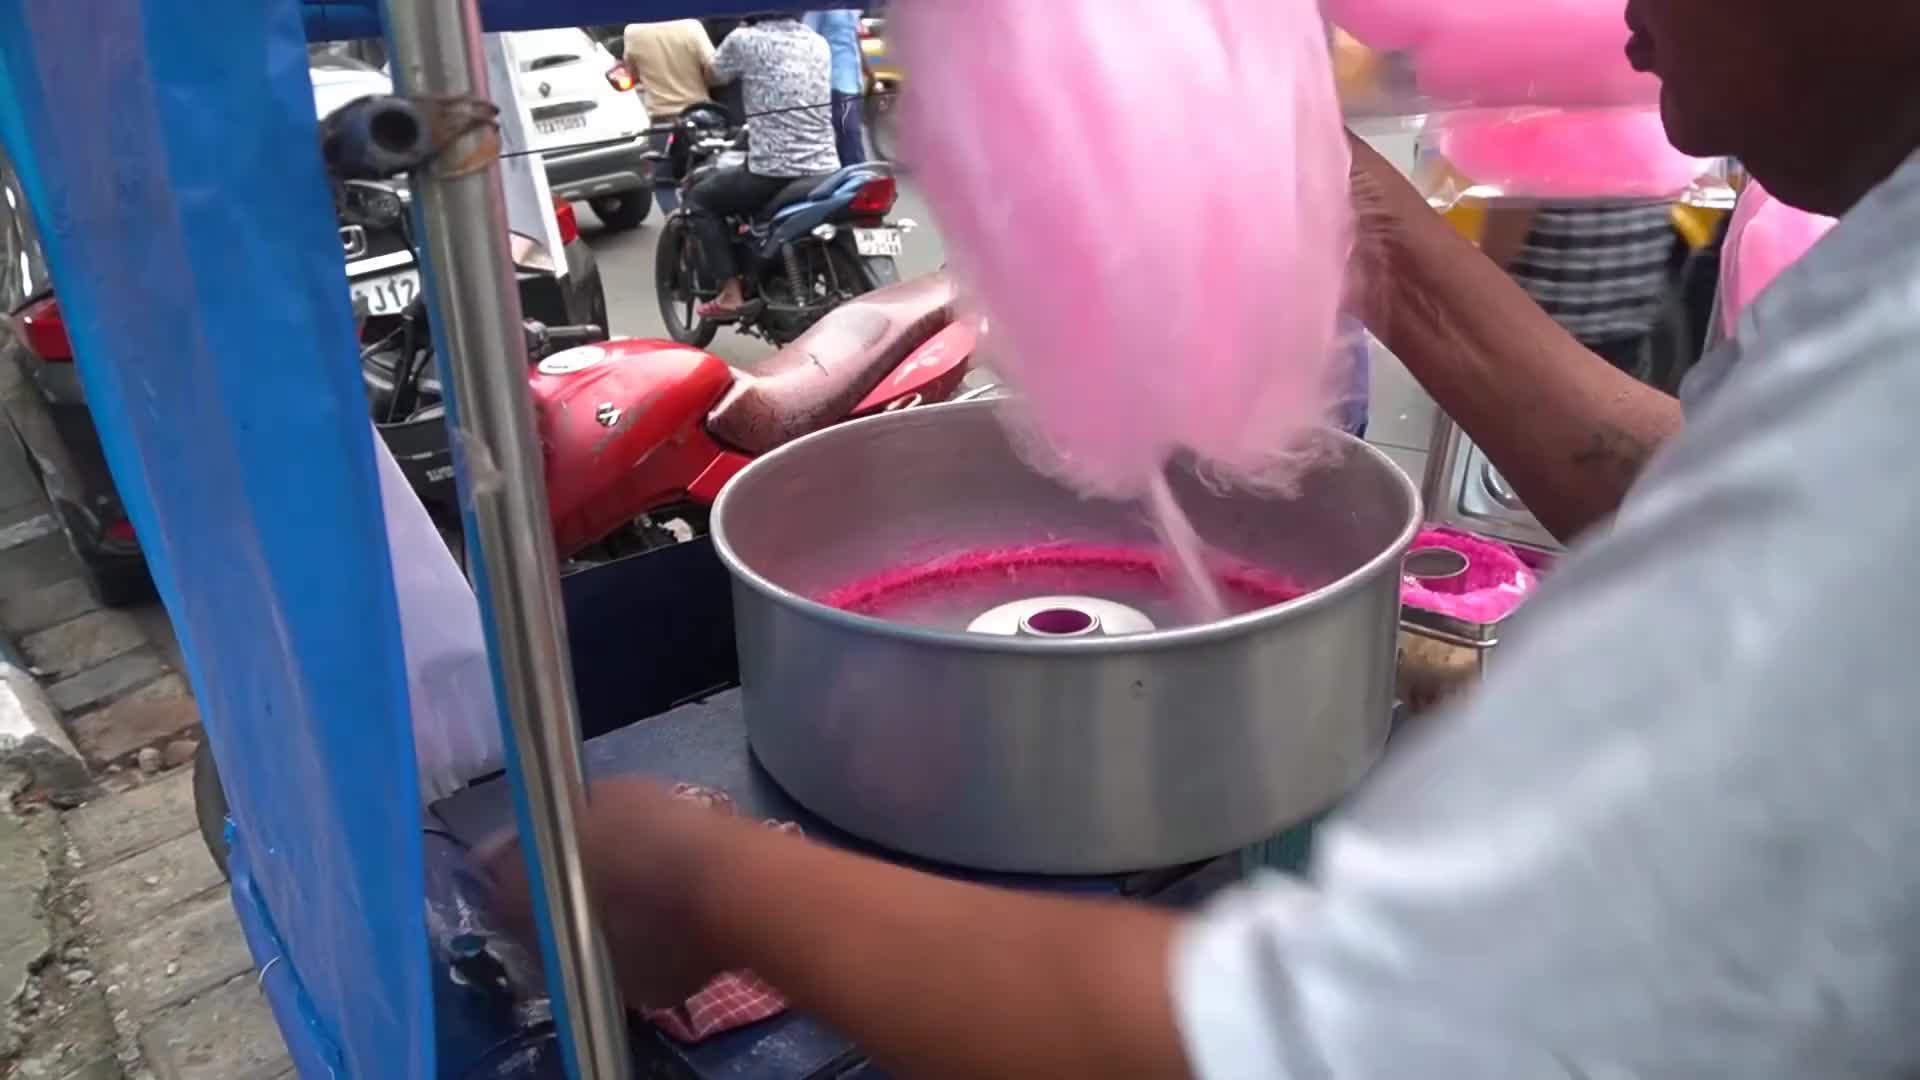 印度街头廉价棉花糖,制作装置堪称脑洞大开,据说每天卖到断货!